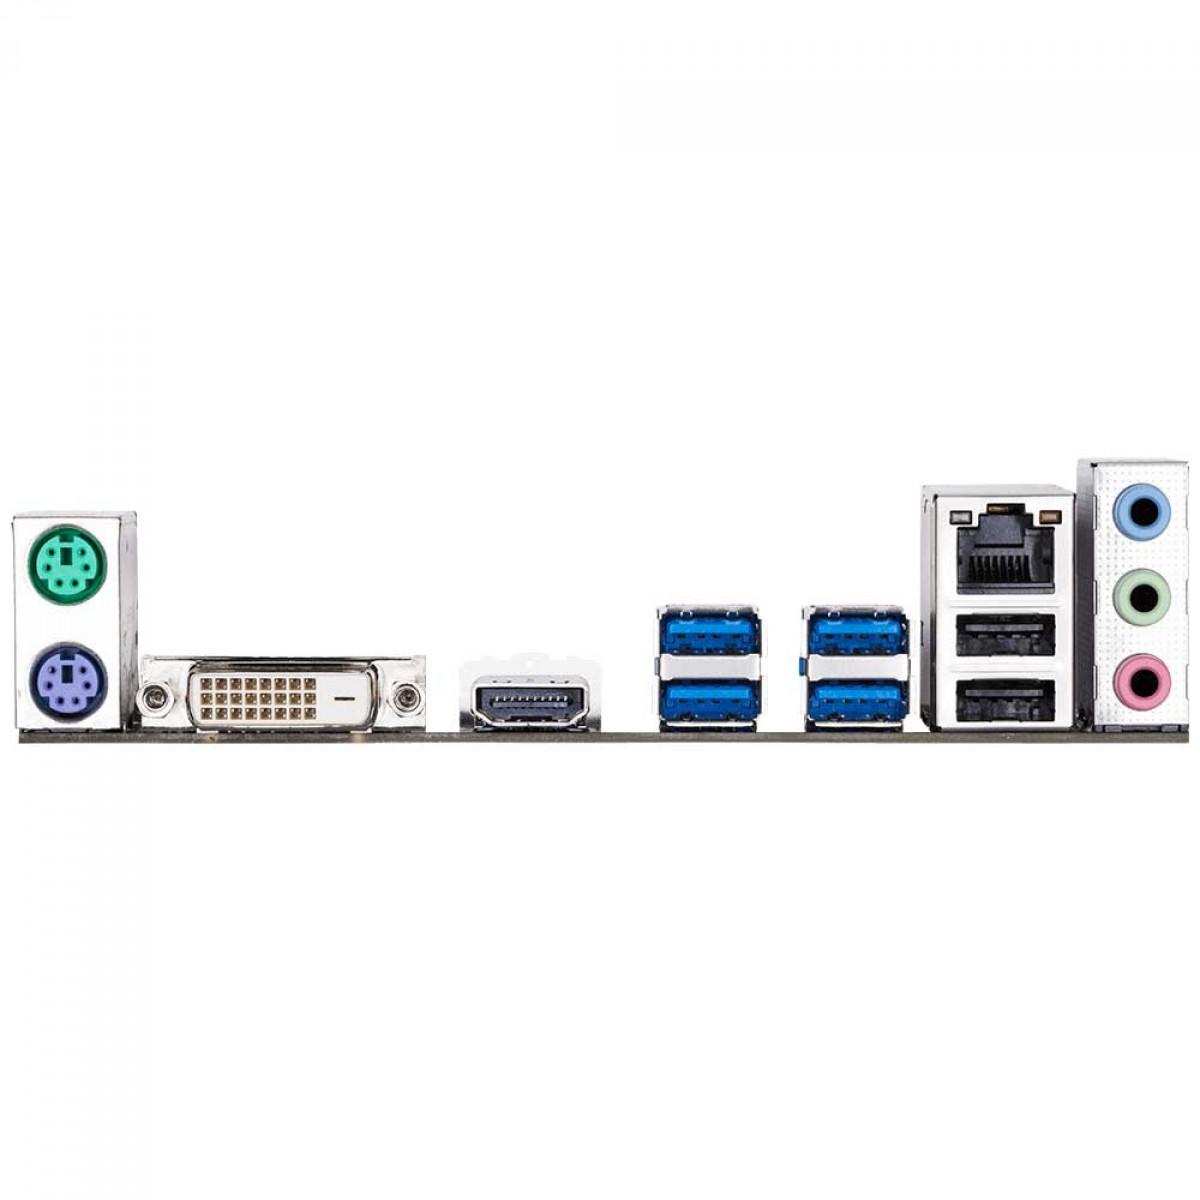 Placa Mãe Gigabyte GA-A320M-H, Chipset A320, AMD AM4, mATX, DDR4